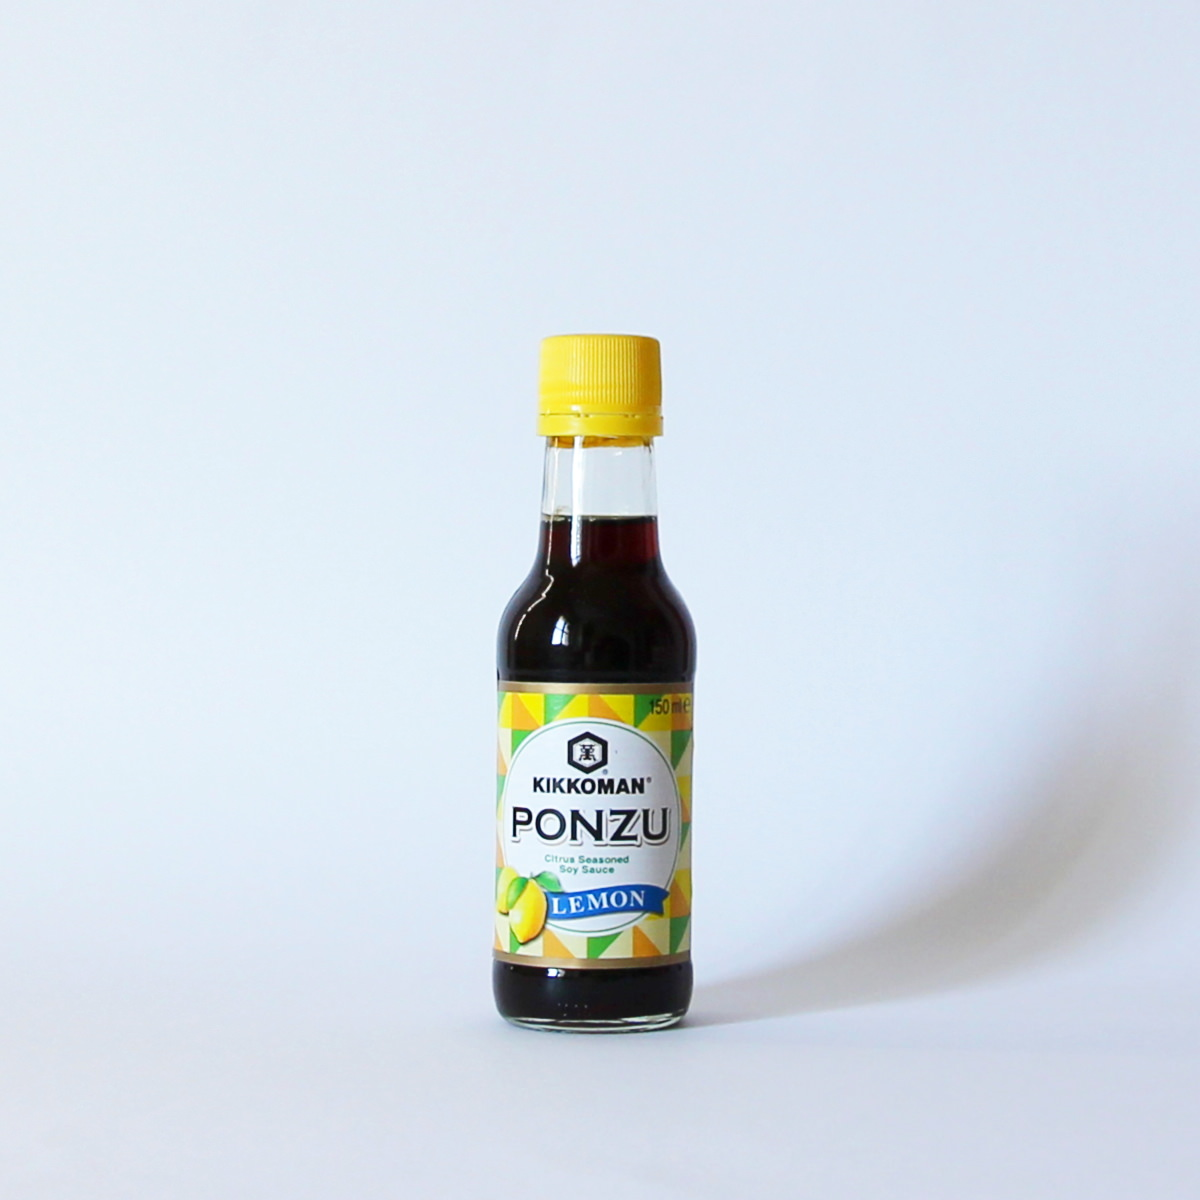 Ponzu 150ml (Würzsauce mit Sojasauce & Zitrone), KIKKOMAN